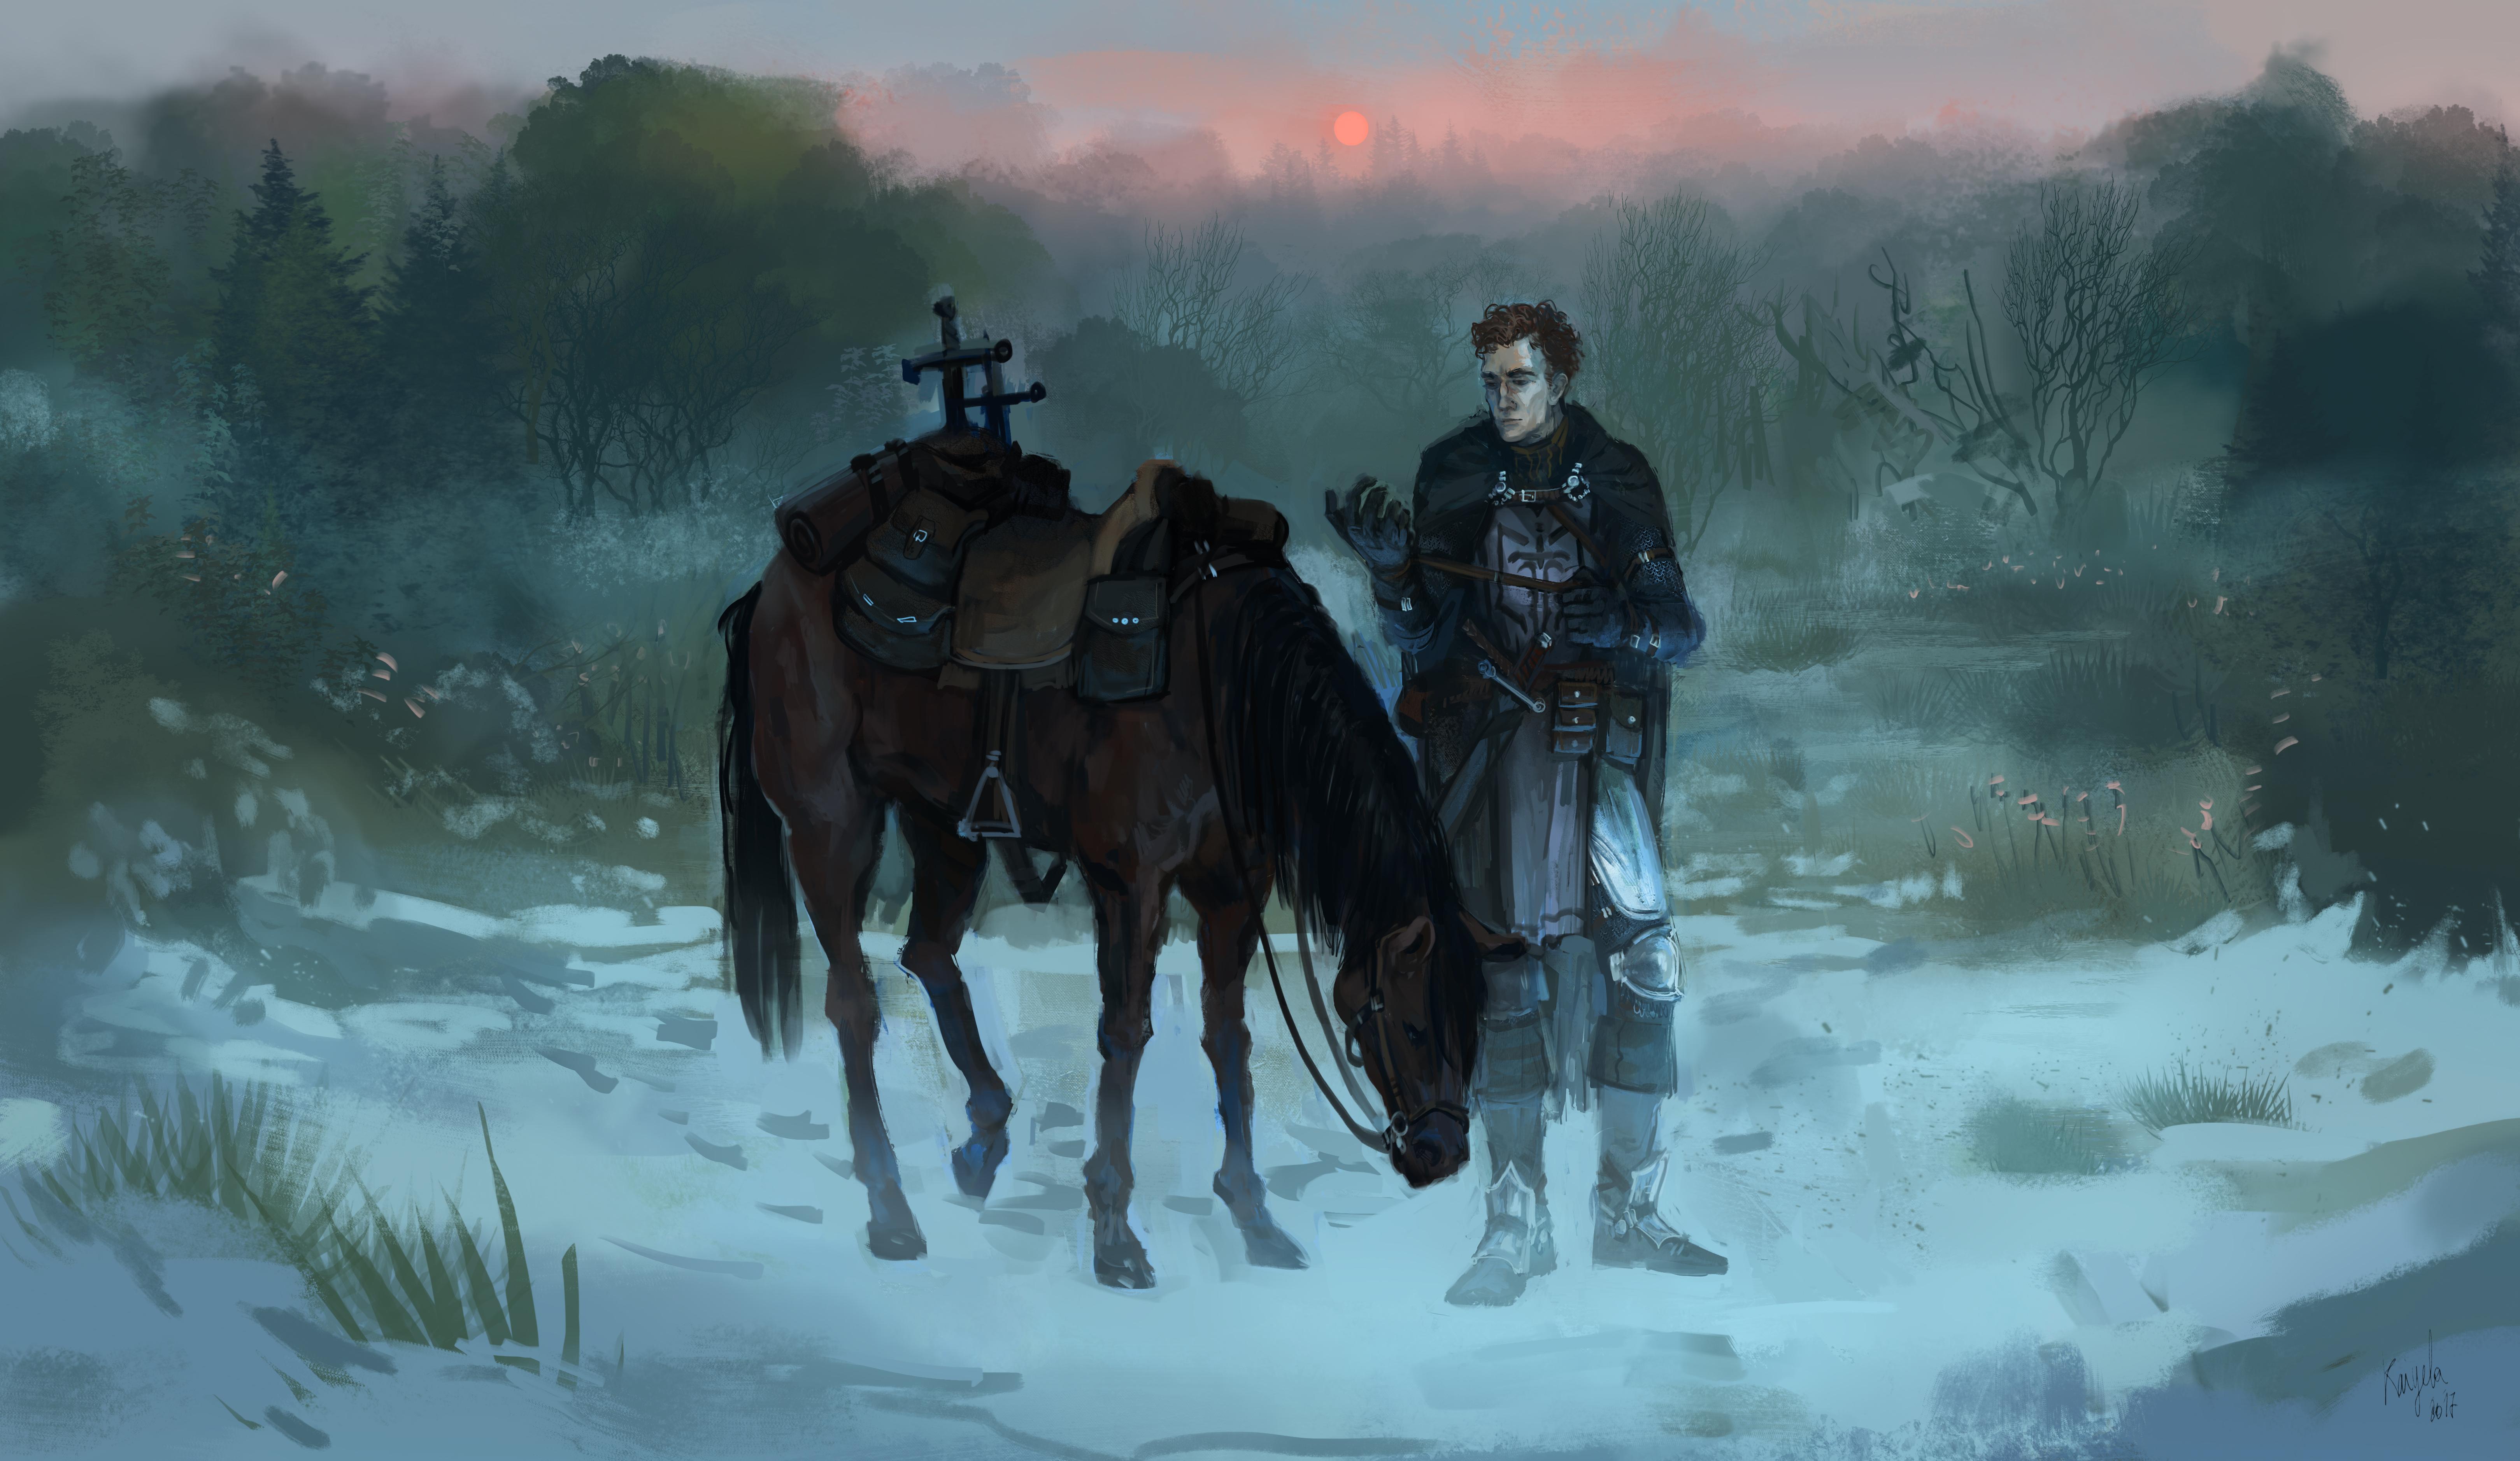 Edvann Rooke with Horse by kaiyela